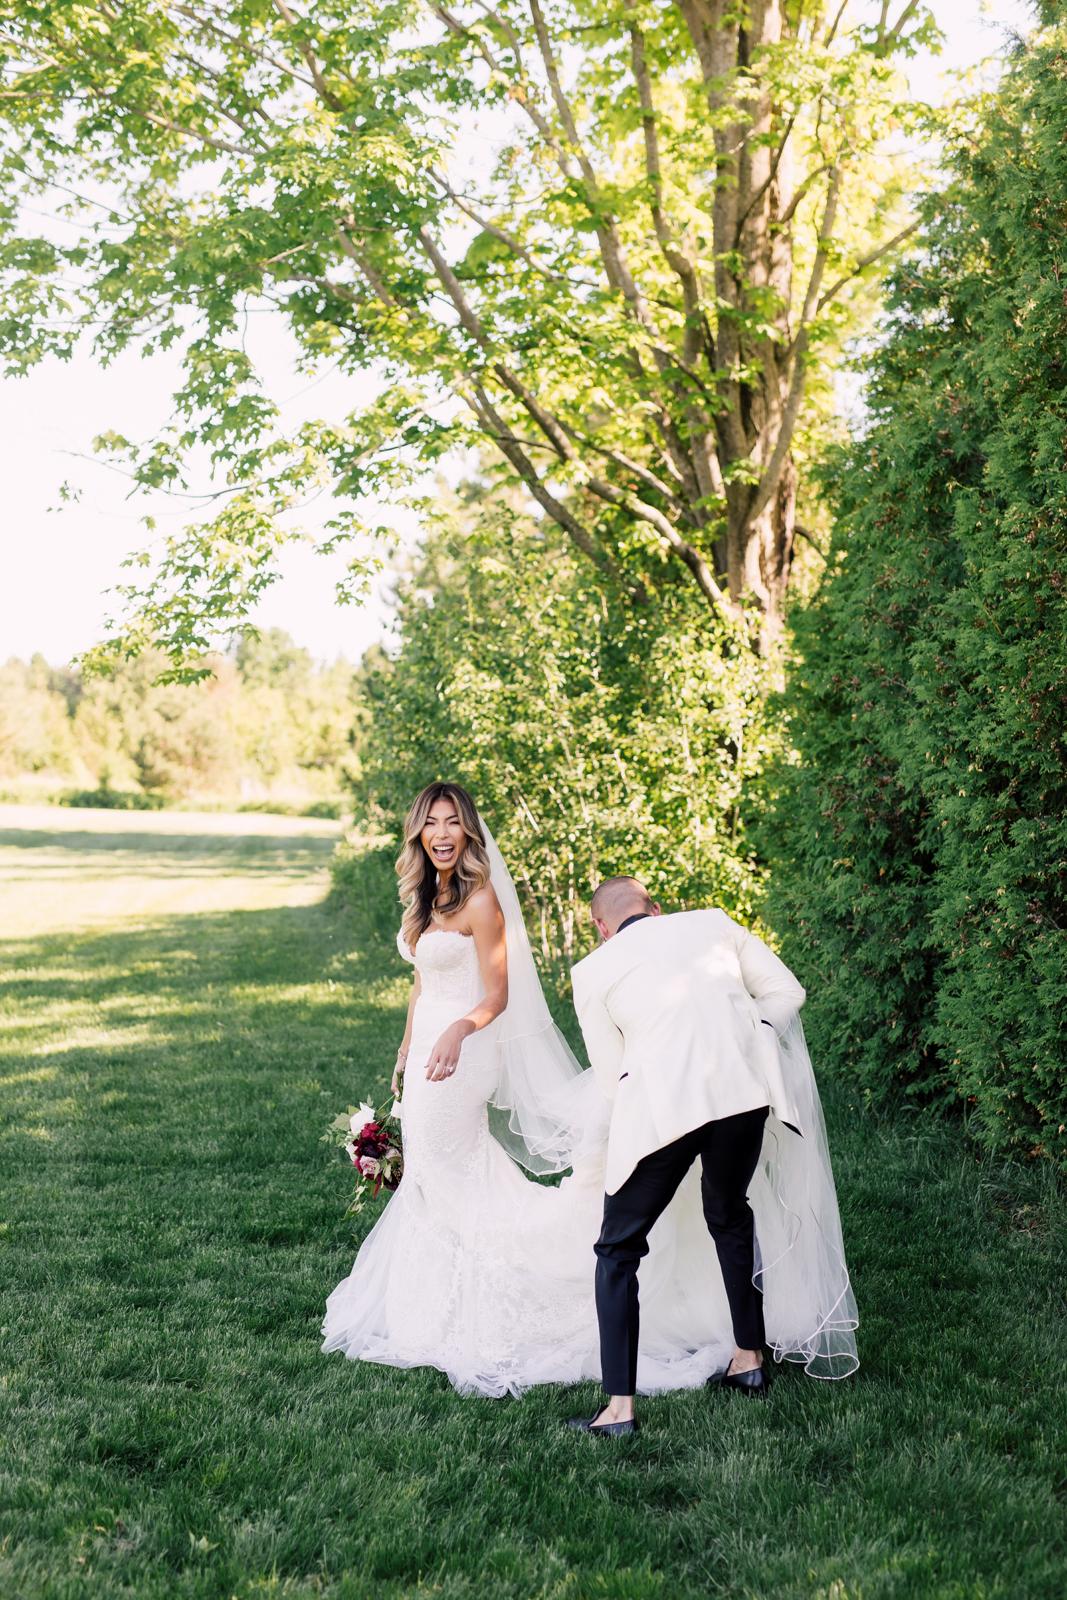 Groom helping bride